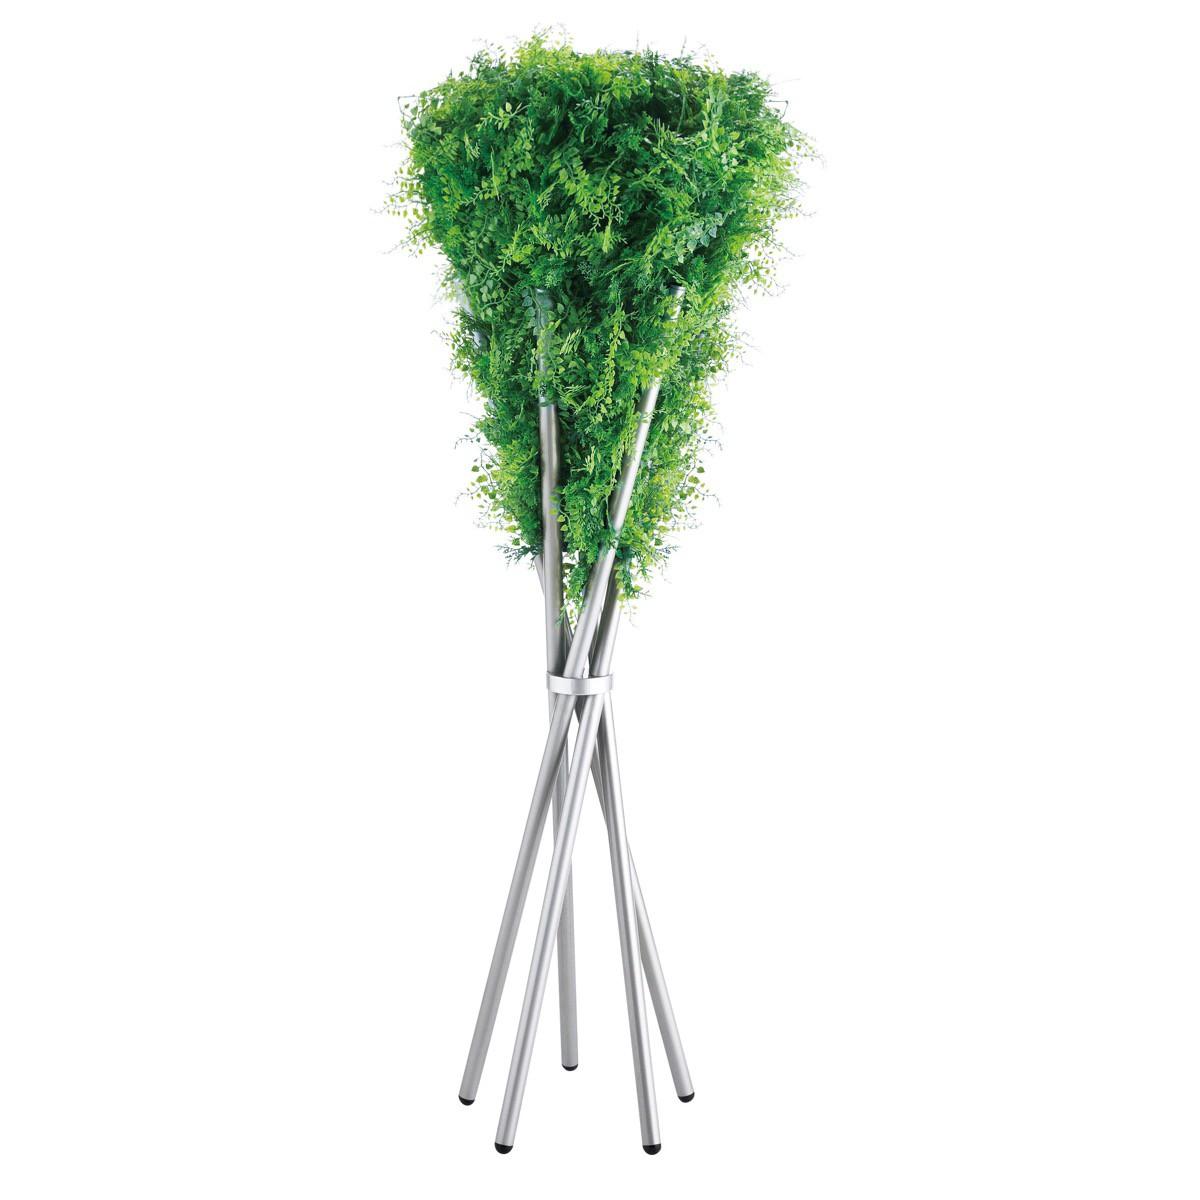 人工観葉植物 フェイクグリーン 観葉植物 造花 大型 松明 たいまつ パーティション1300 組立式 衝立 間仕切 パーテーション インテリア おしゃれ フェイク グリーン